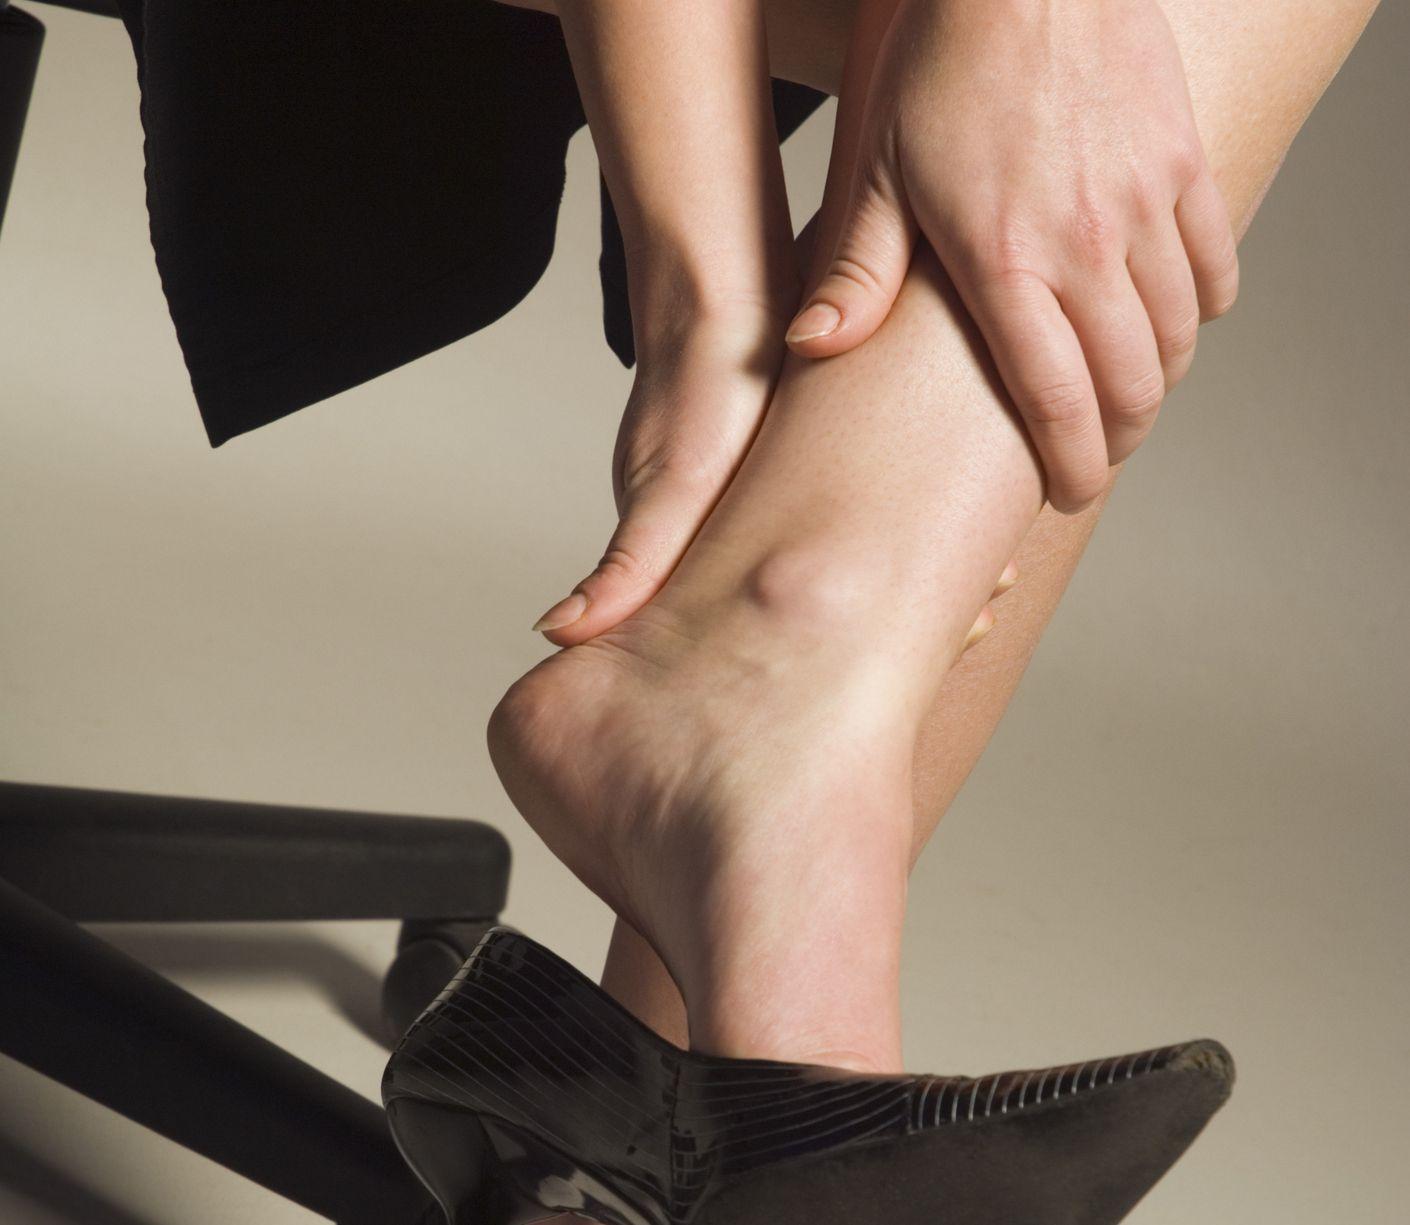 Máte chodidlá opuchnuté ako balóny? Tú sú možné dôvody aj riešenia